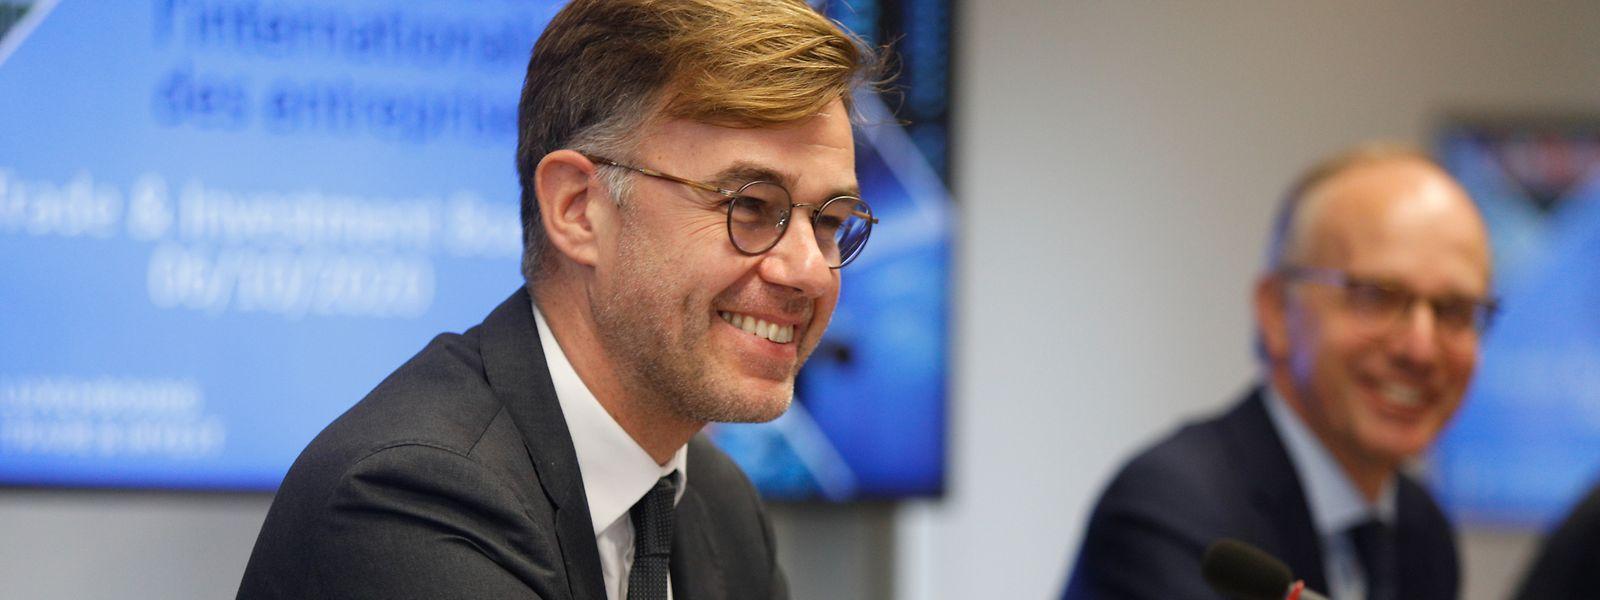 Le ministre de l'Economie a annoncé l'ouverture du premier «Luxembourg Trade & Investment Office» en Afrique.